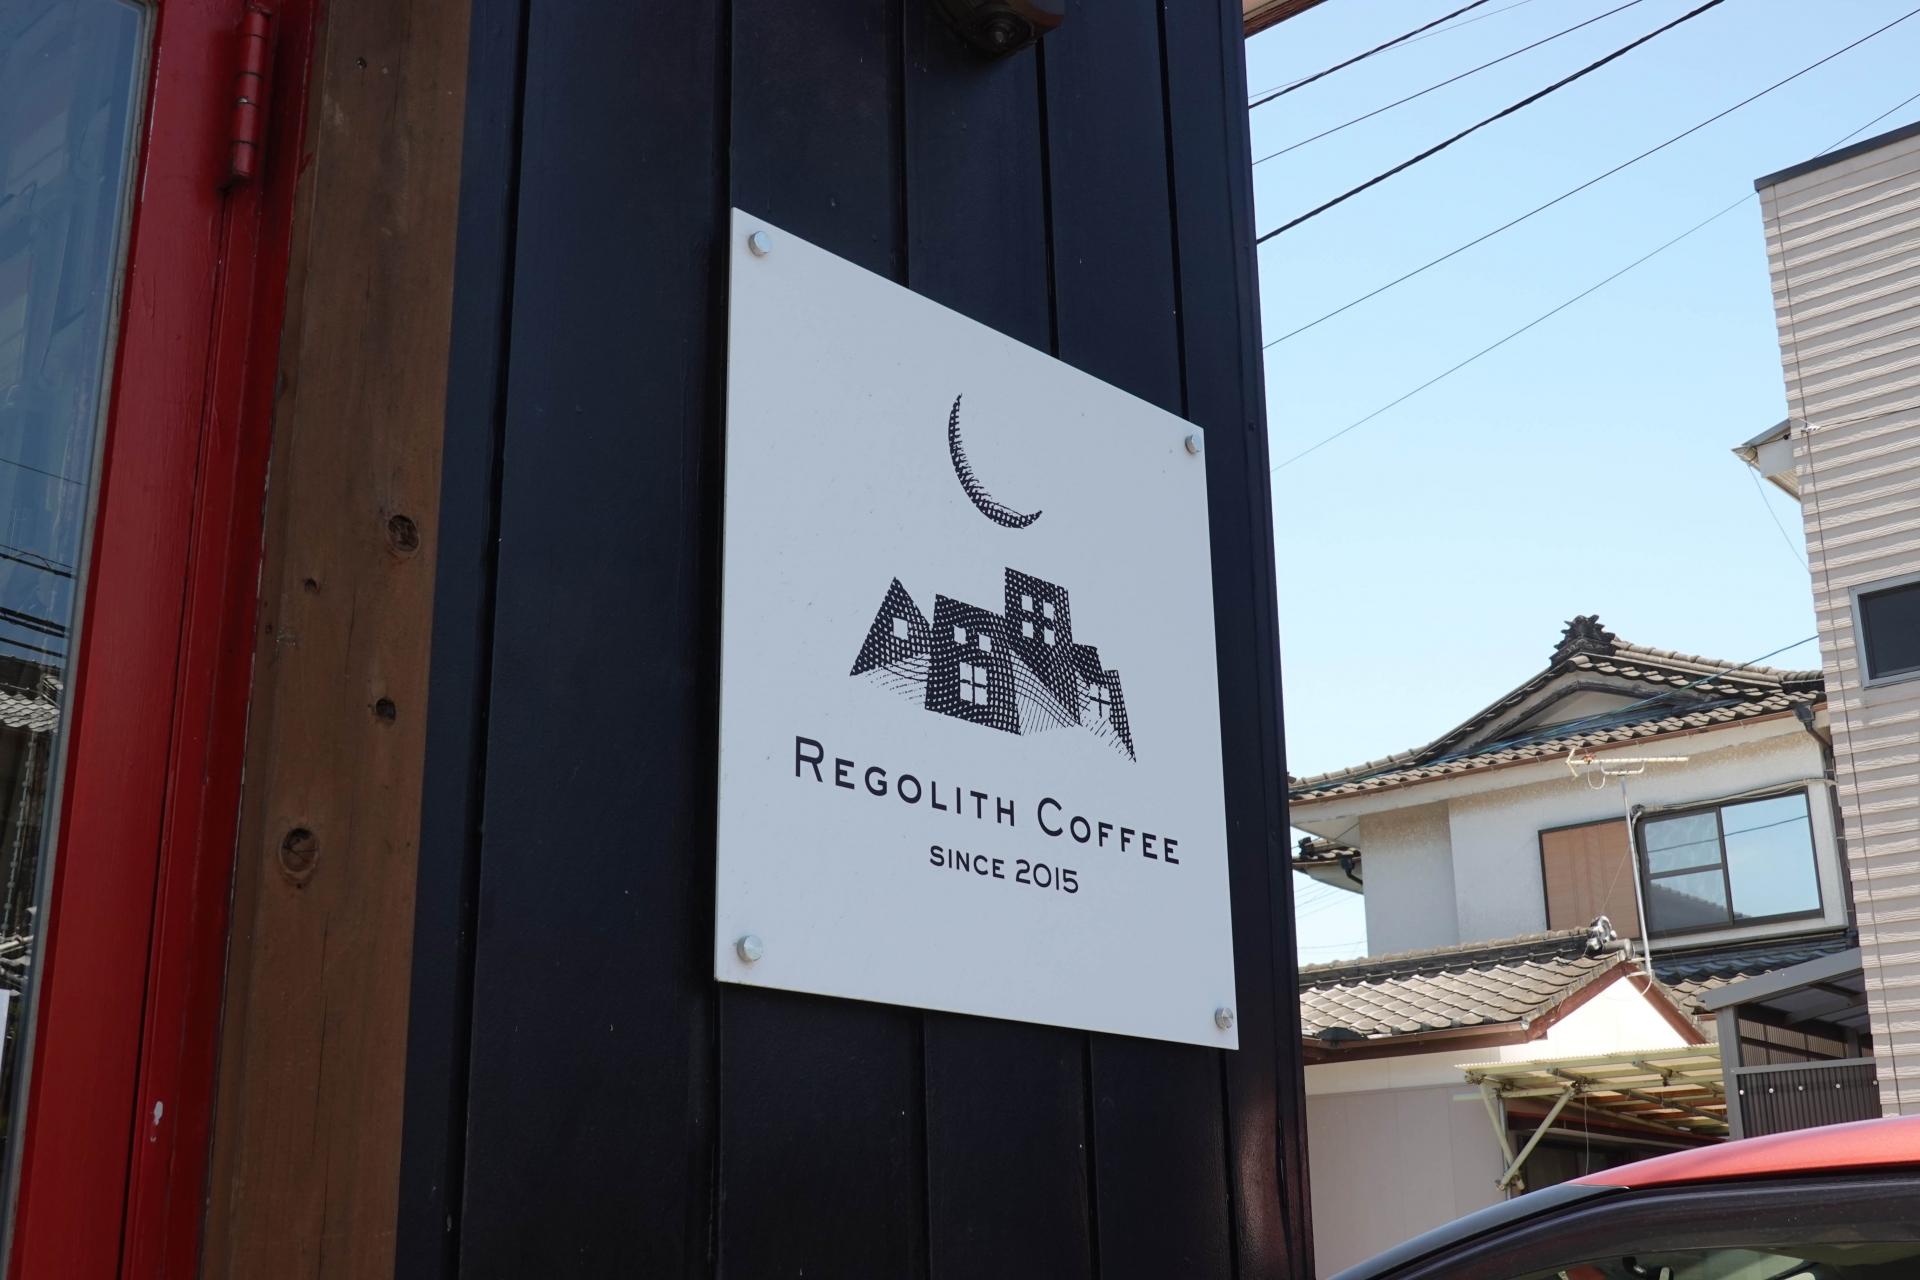 レゴリッシュコーヒー